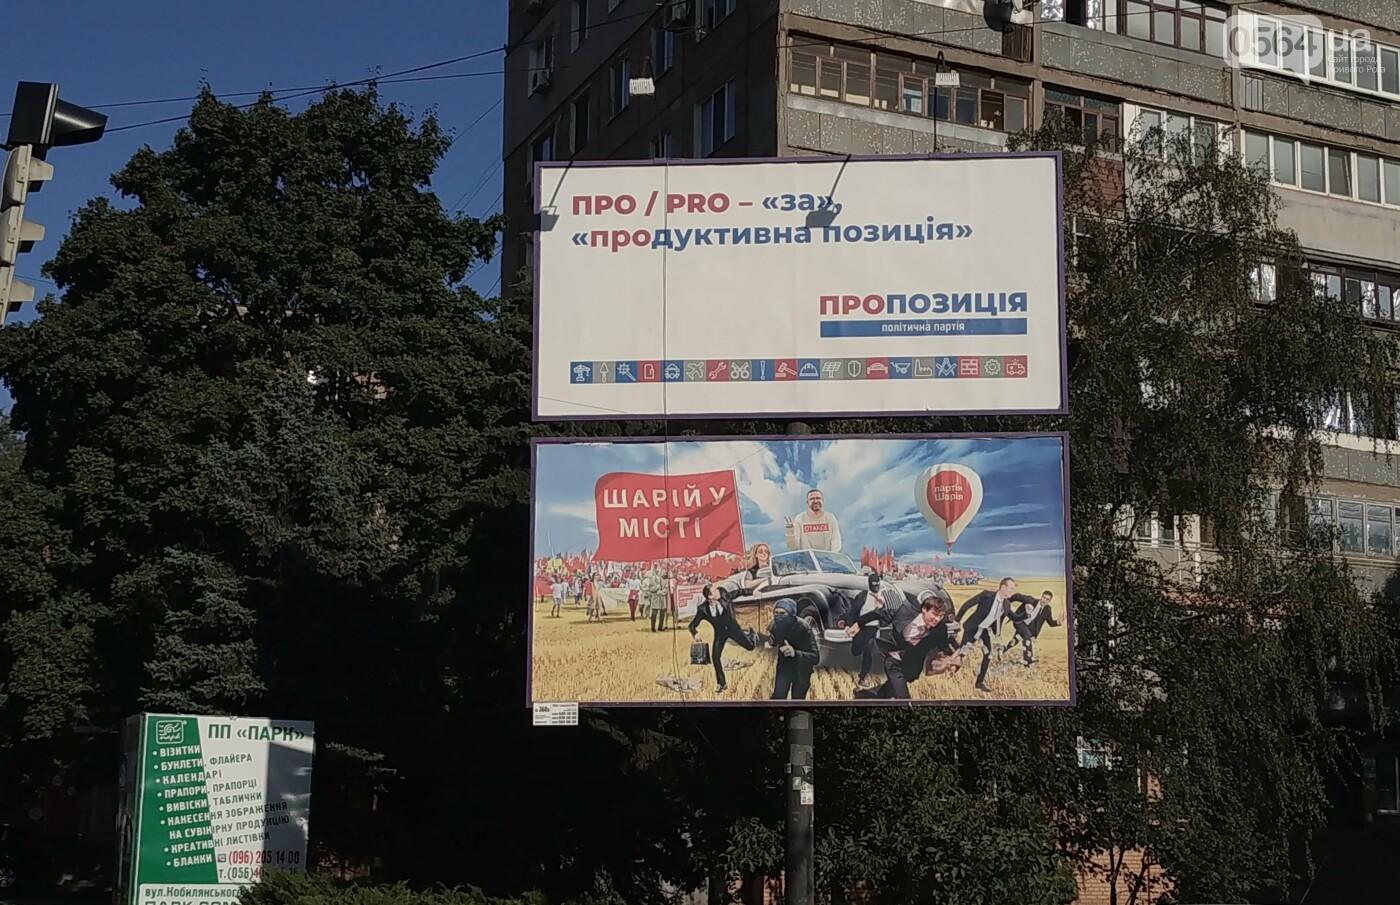 """В Кривом Роге """"Опора"""" фиксирует билборды кандидатов, в том числе без выходных данных, - ФОТО, фото-1"""